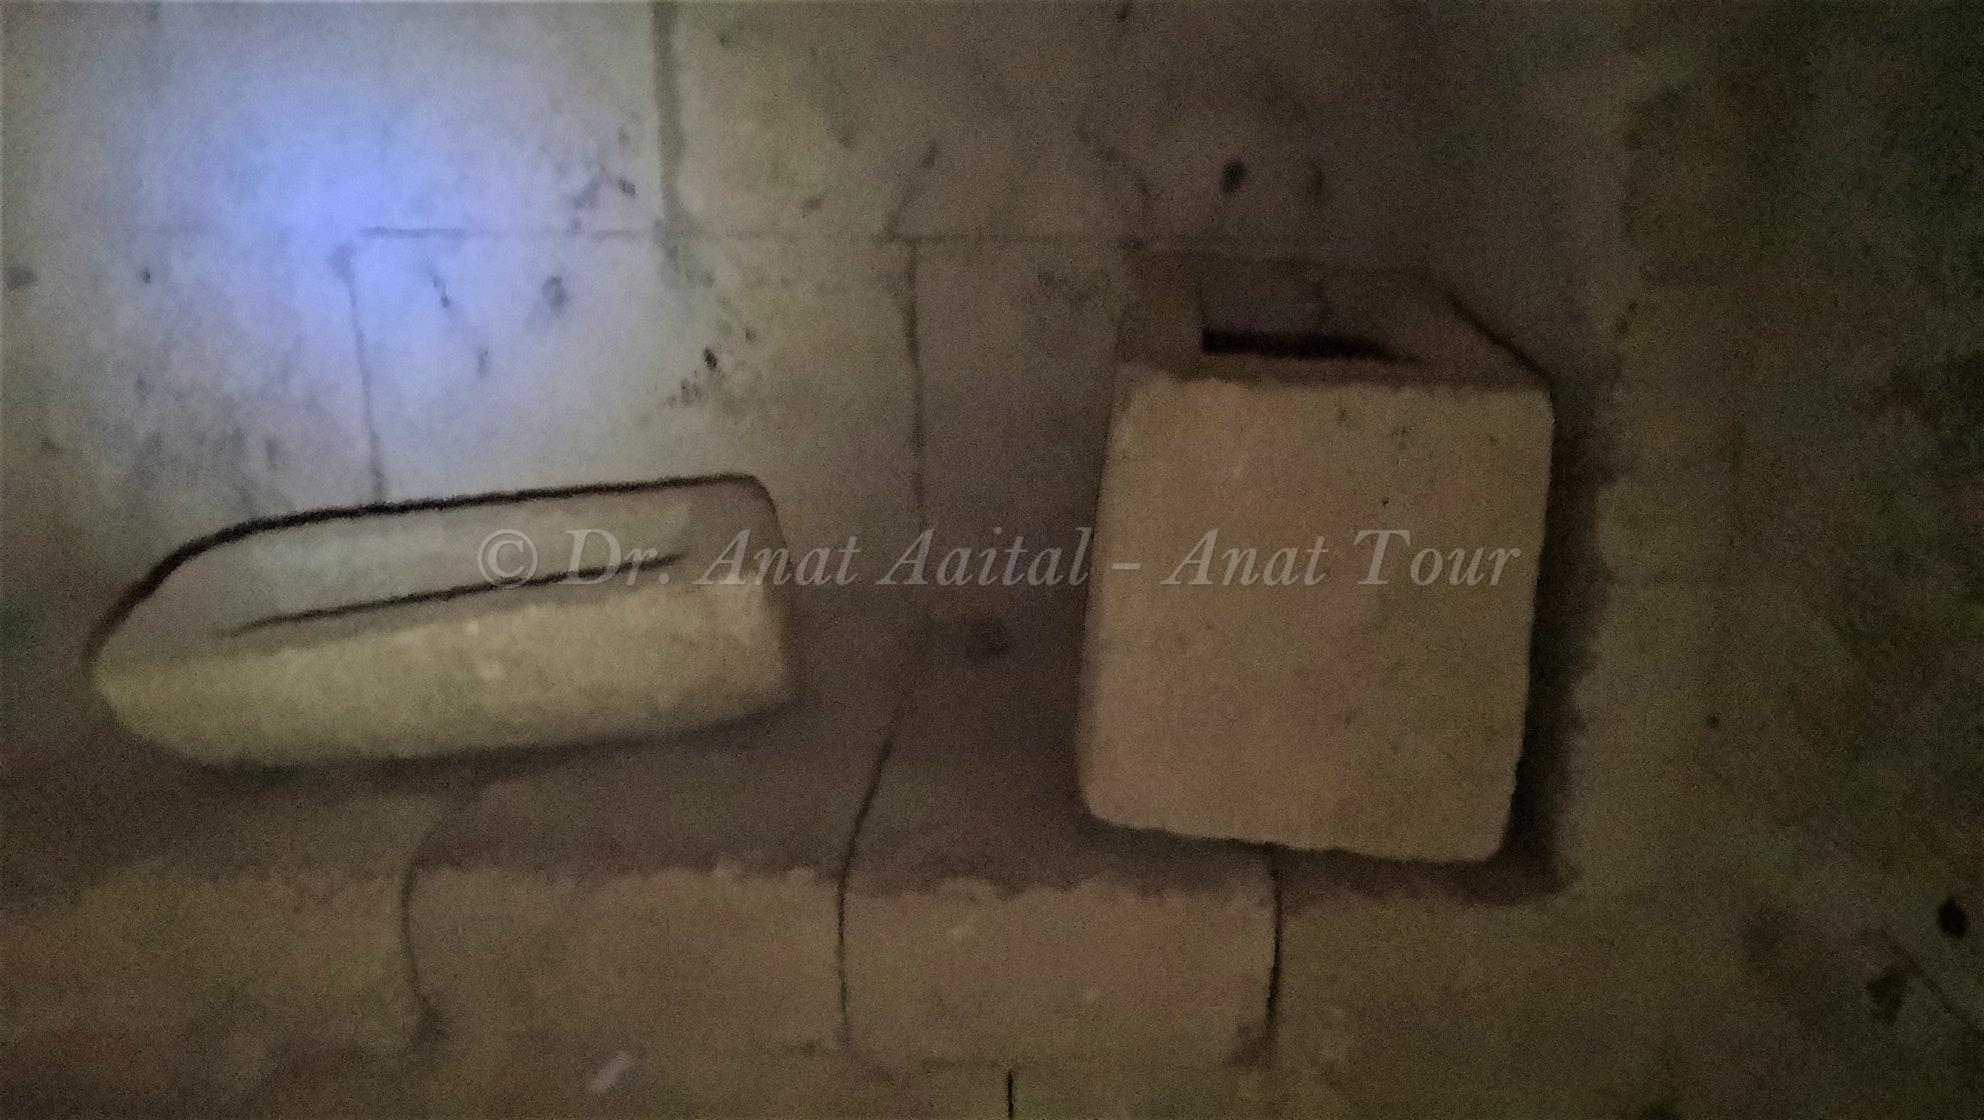 """ארון קבורה קטן במשכב מקמרים (ארקוסוליה) במערת קבורה בחורבת מדרס (ד""""ר ענת אביטל)"""